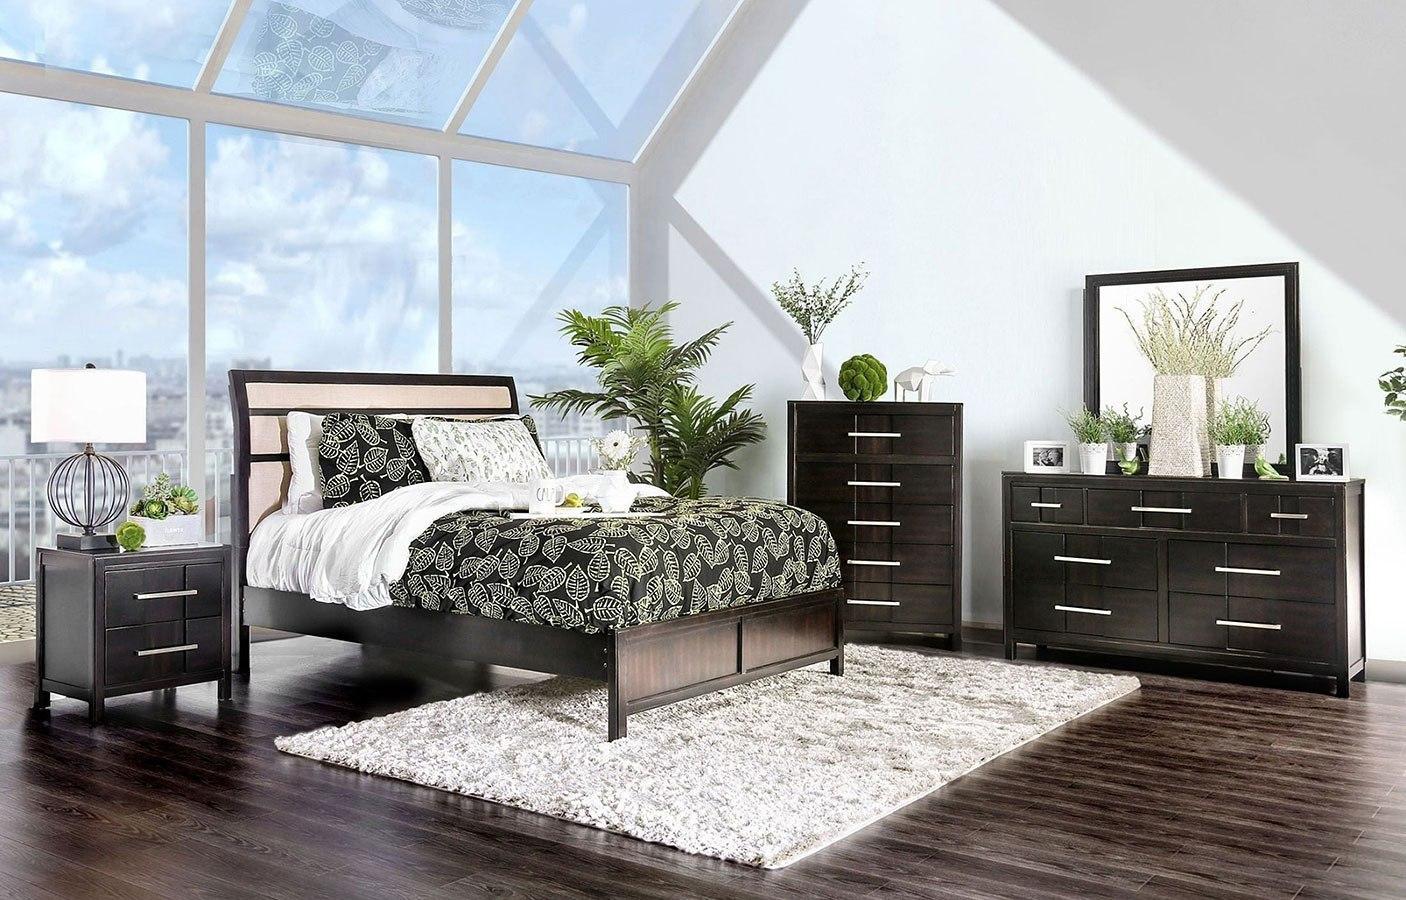 53 Espresso Sleigh Bedroom Sets Best